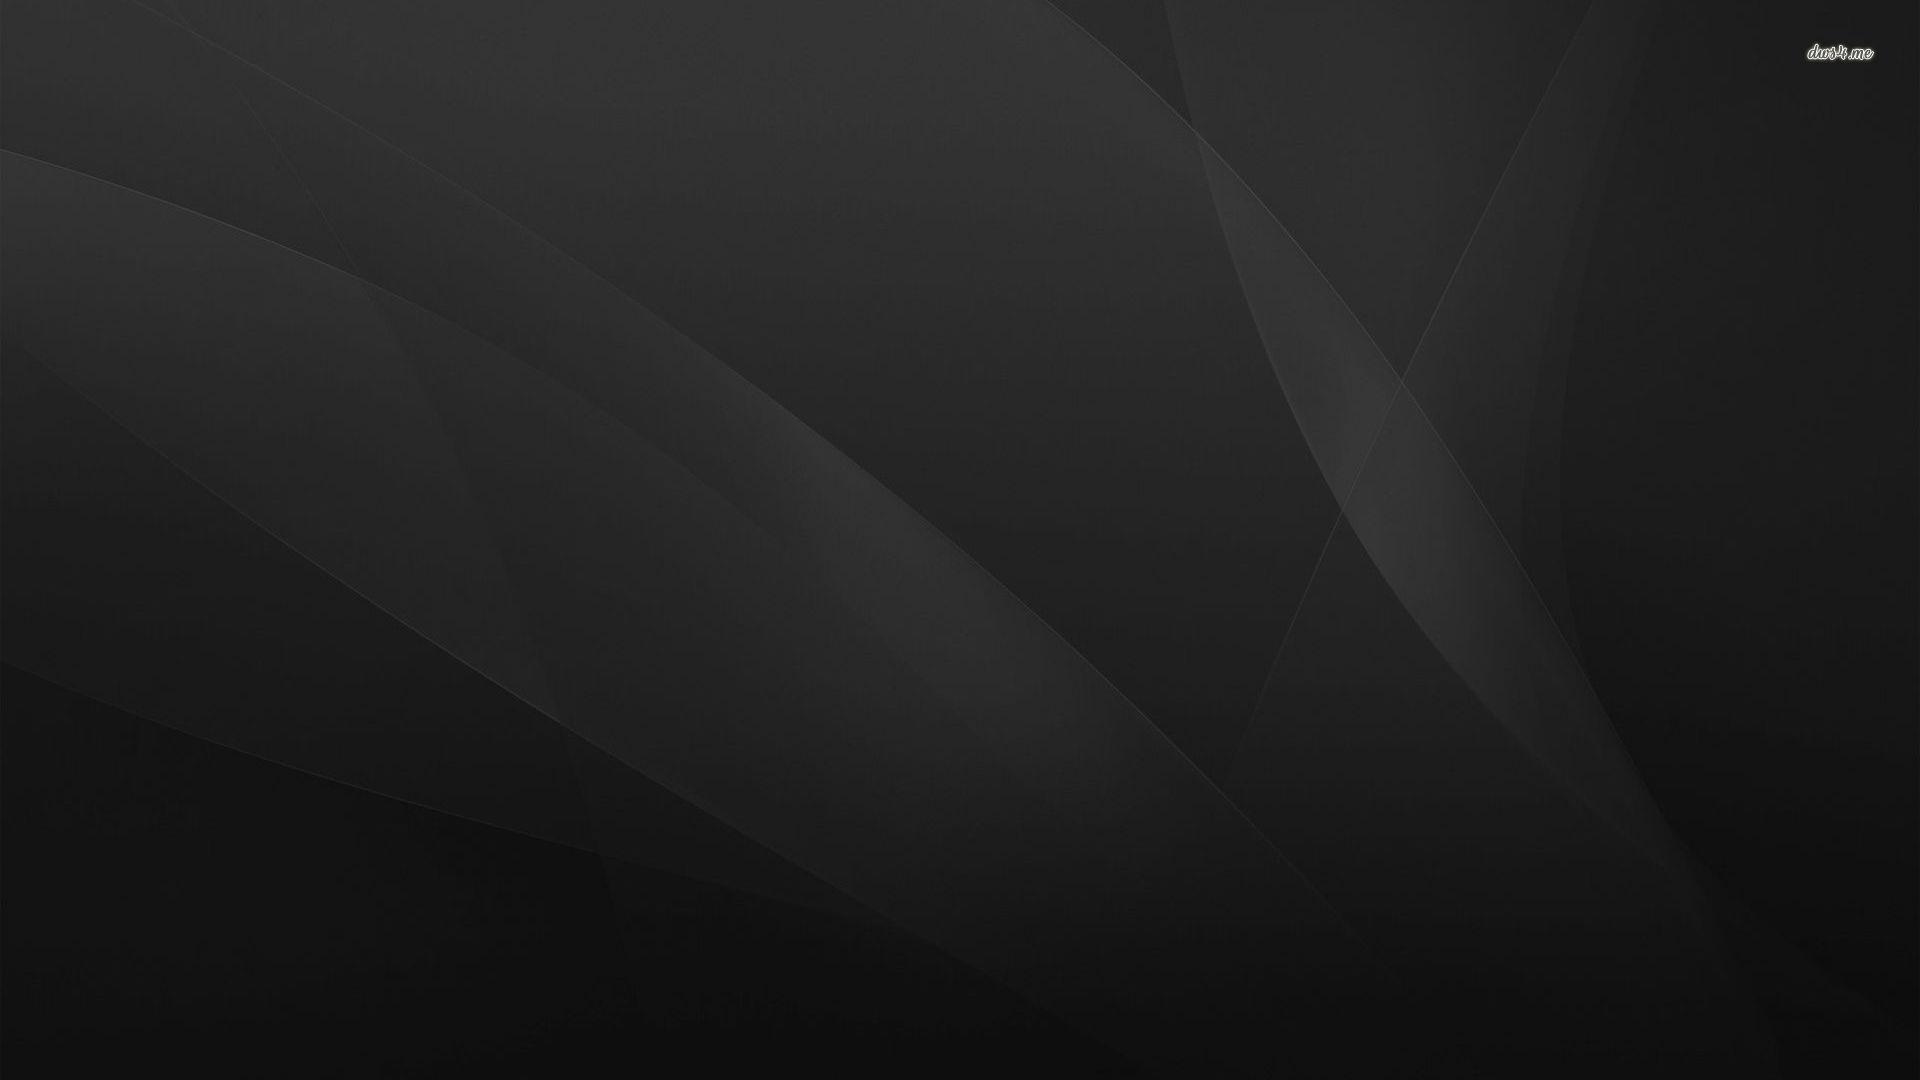 Black And Grey Desktop Wallpaper Wallpapersafari